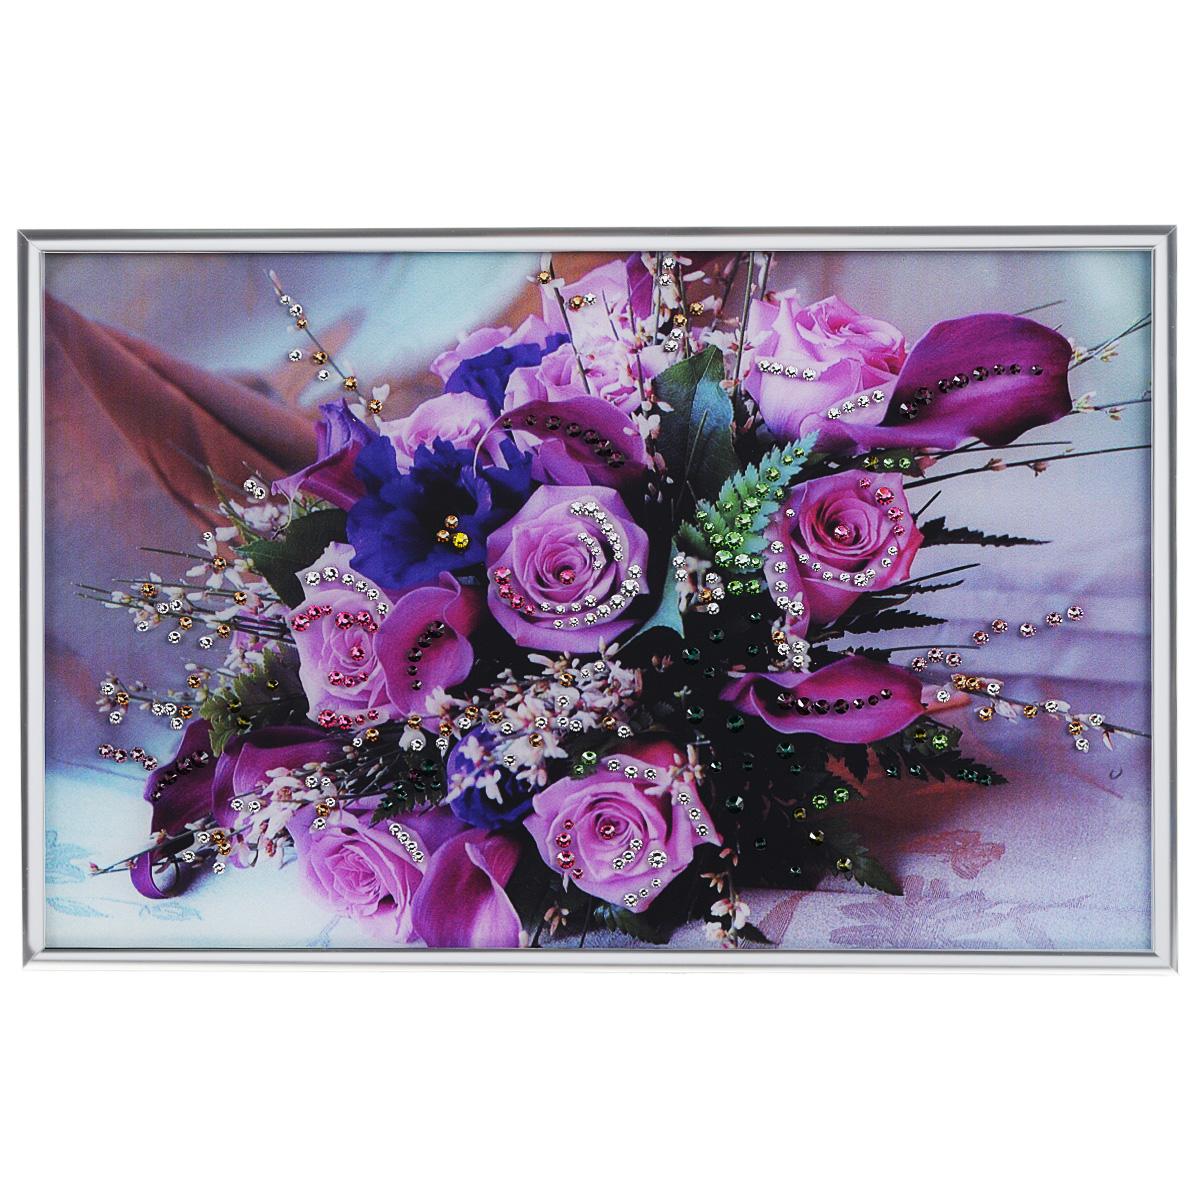 Картина с кристаллами Swarovski Розовые розы, 30 х 20 см1391Изящная картина в металлической раме, инкрустирована кристаллами Swarovski, которые отличаются четкой и ровной огранкой, ярким блеском и чистотой цвета. Красочное изображение букета роз, расположенное под стеклом, прекрасно дополняет блеск кристаллов. С обратной стороны имеется металлическая петелька для размещения картины на стене. Картина с кристаллами Swarovski Розовые розы элегантно украсит интерьер дома или офиса, а также станет прекрасным подарком, который обязательно понравится получателю. Блеск кристаллов в интерьере, что может быть сказочнее и удивительнее. Картина упакована в подарочную картонную коробку синего цвета и комплектуется сертификатом соответствия Swarovski.